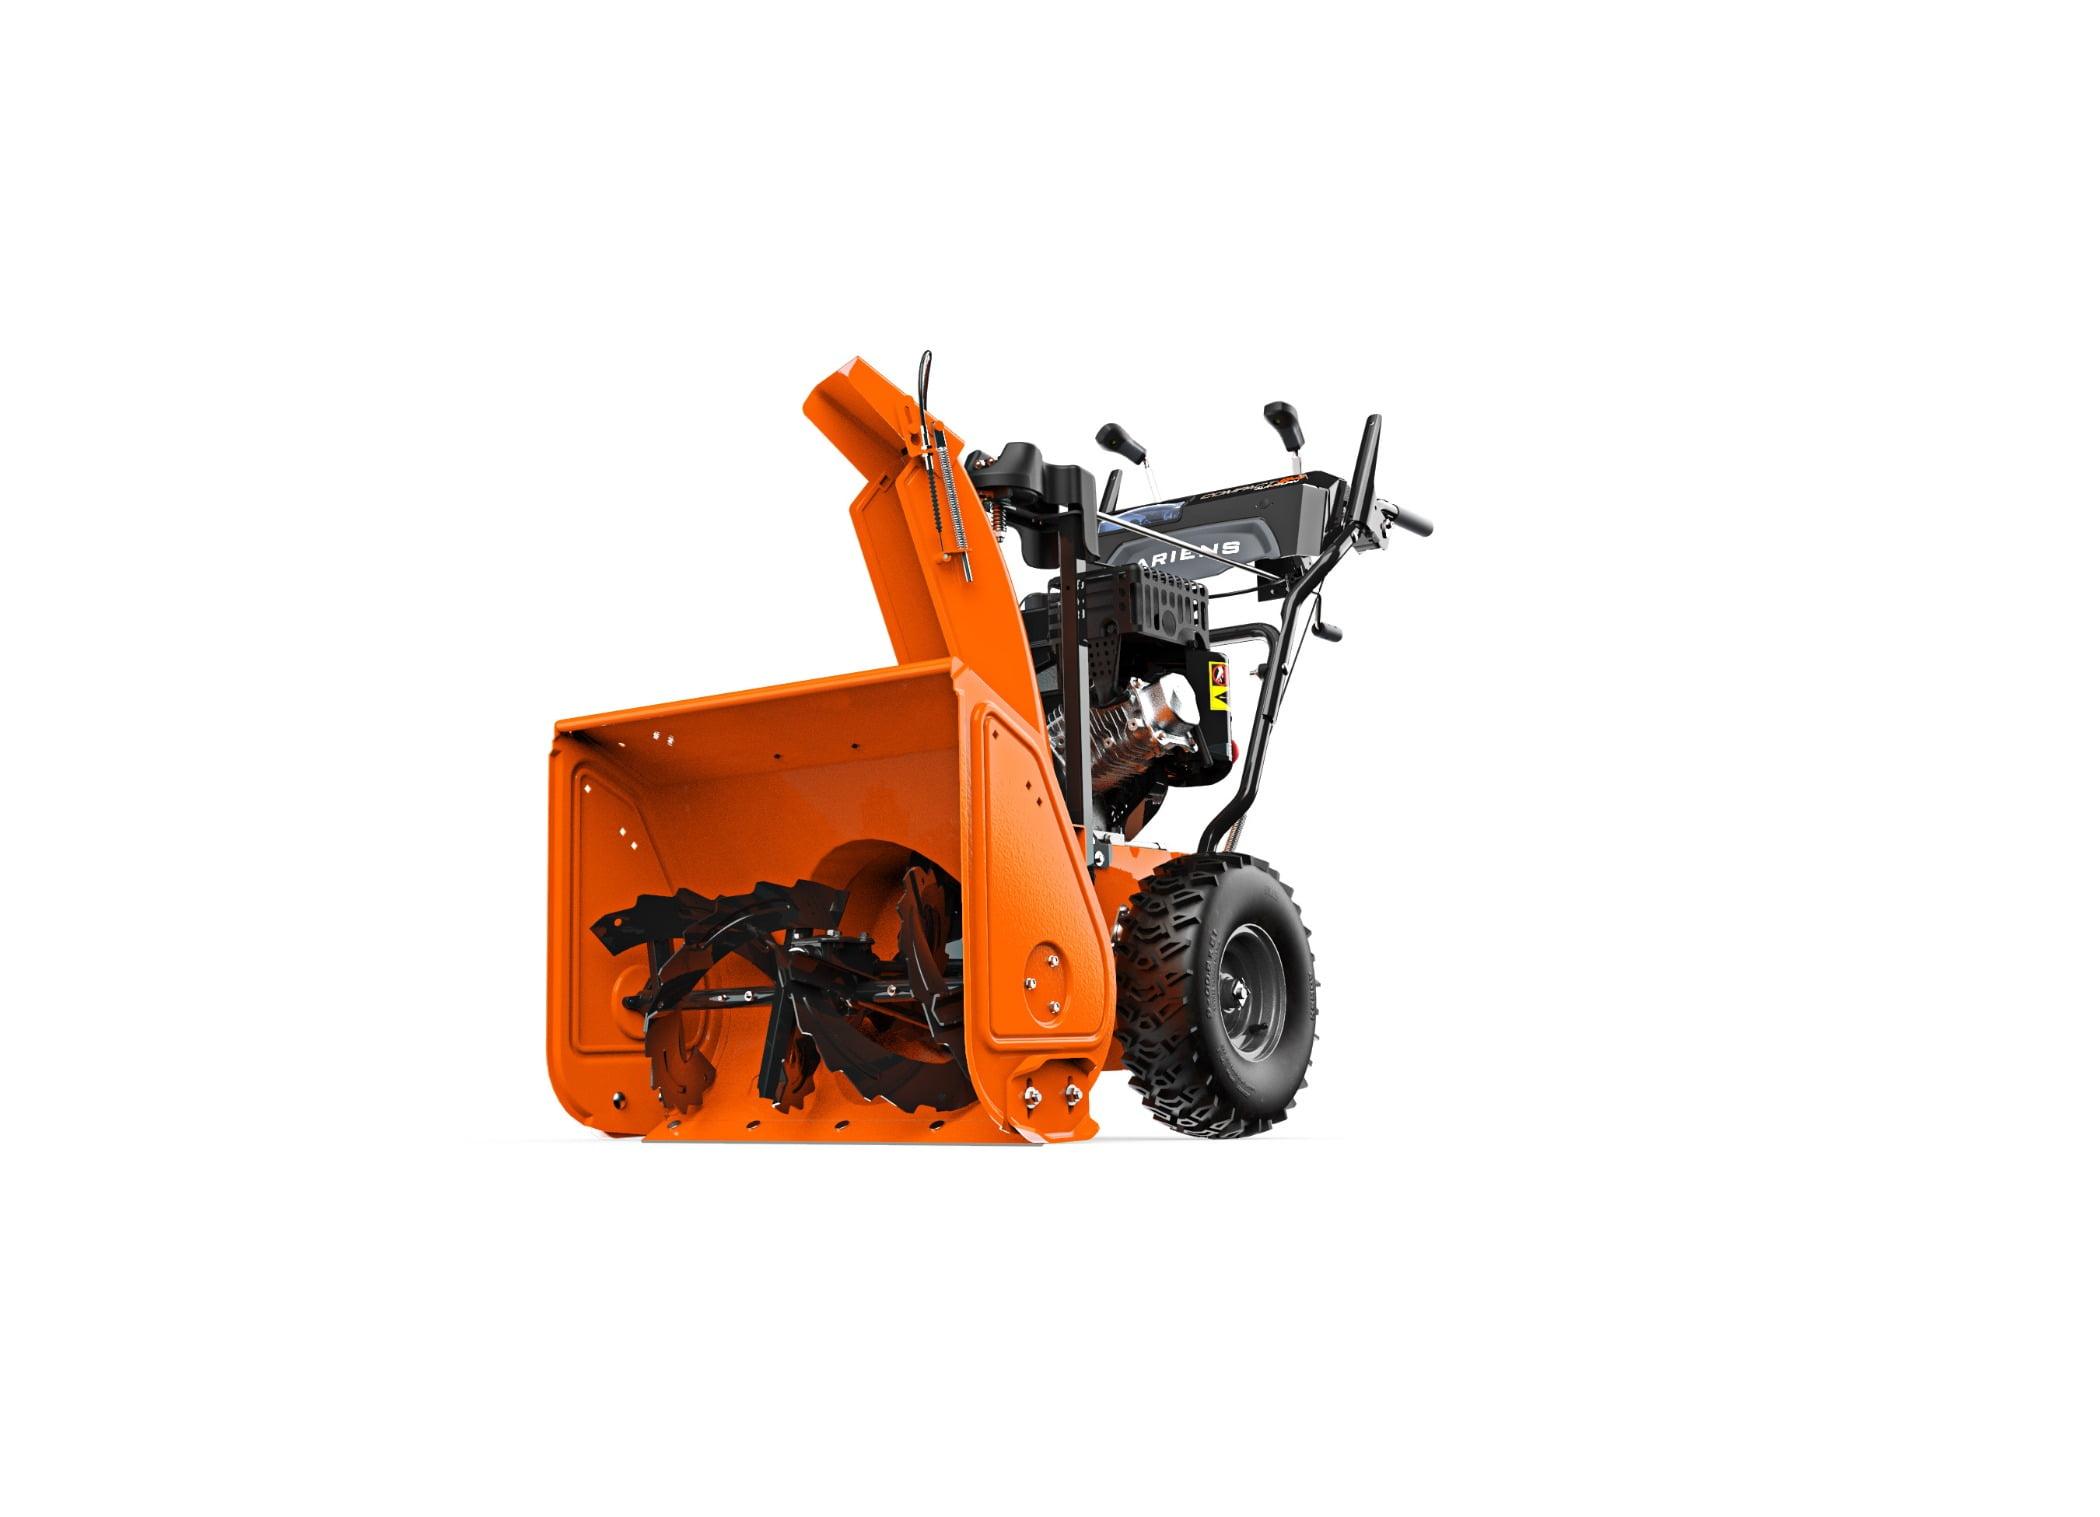 Orange, Vehicle